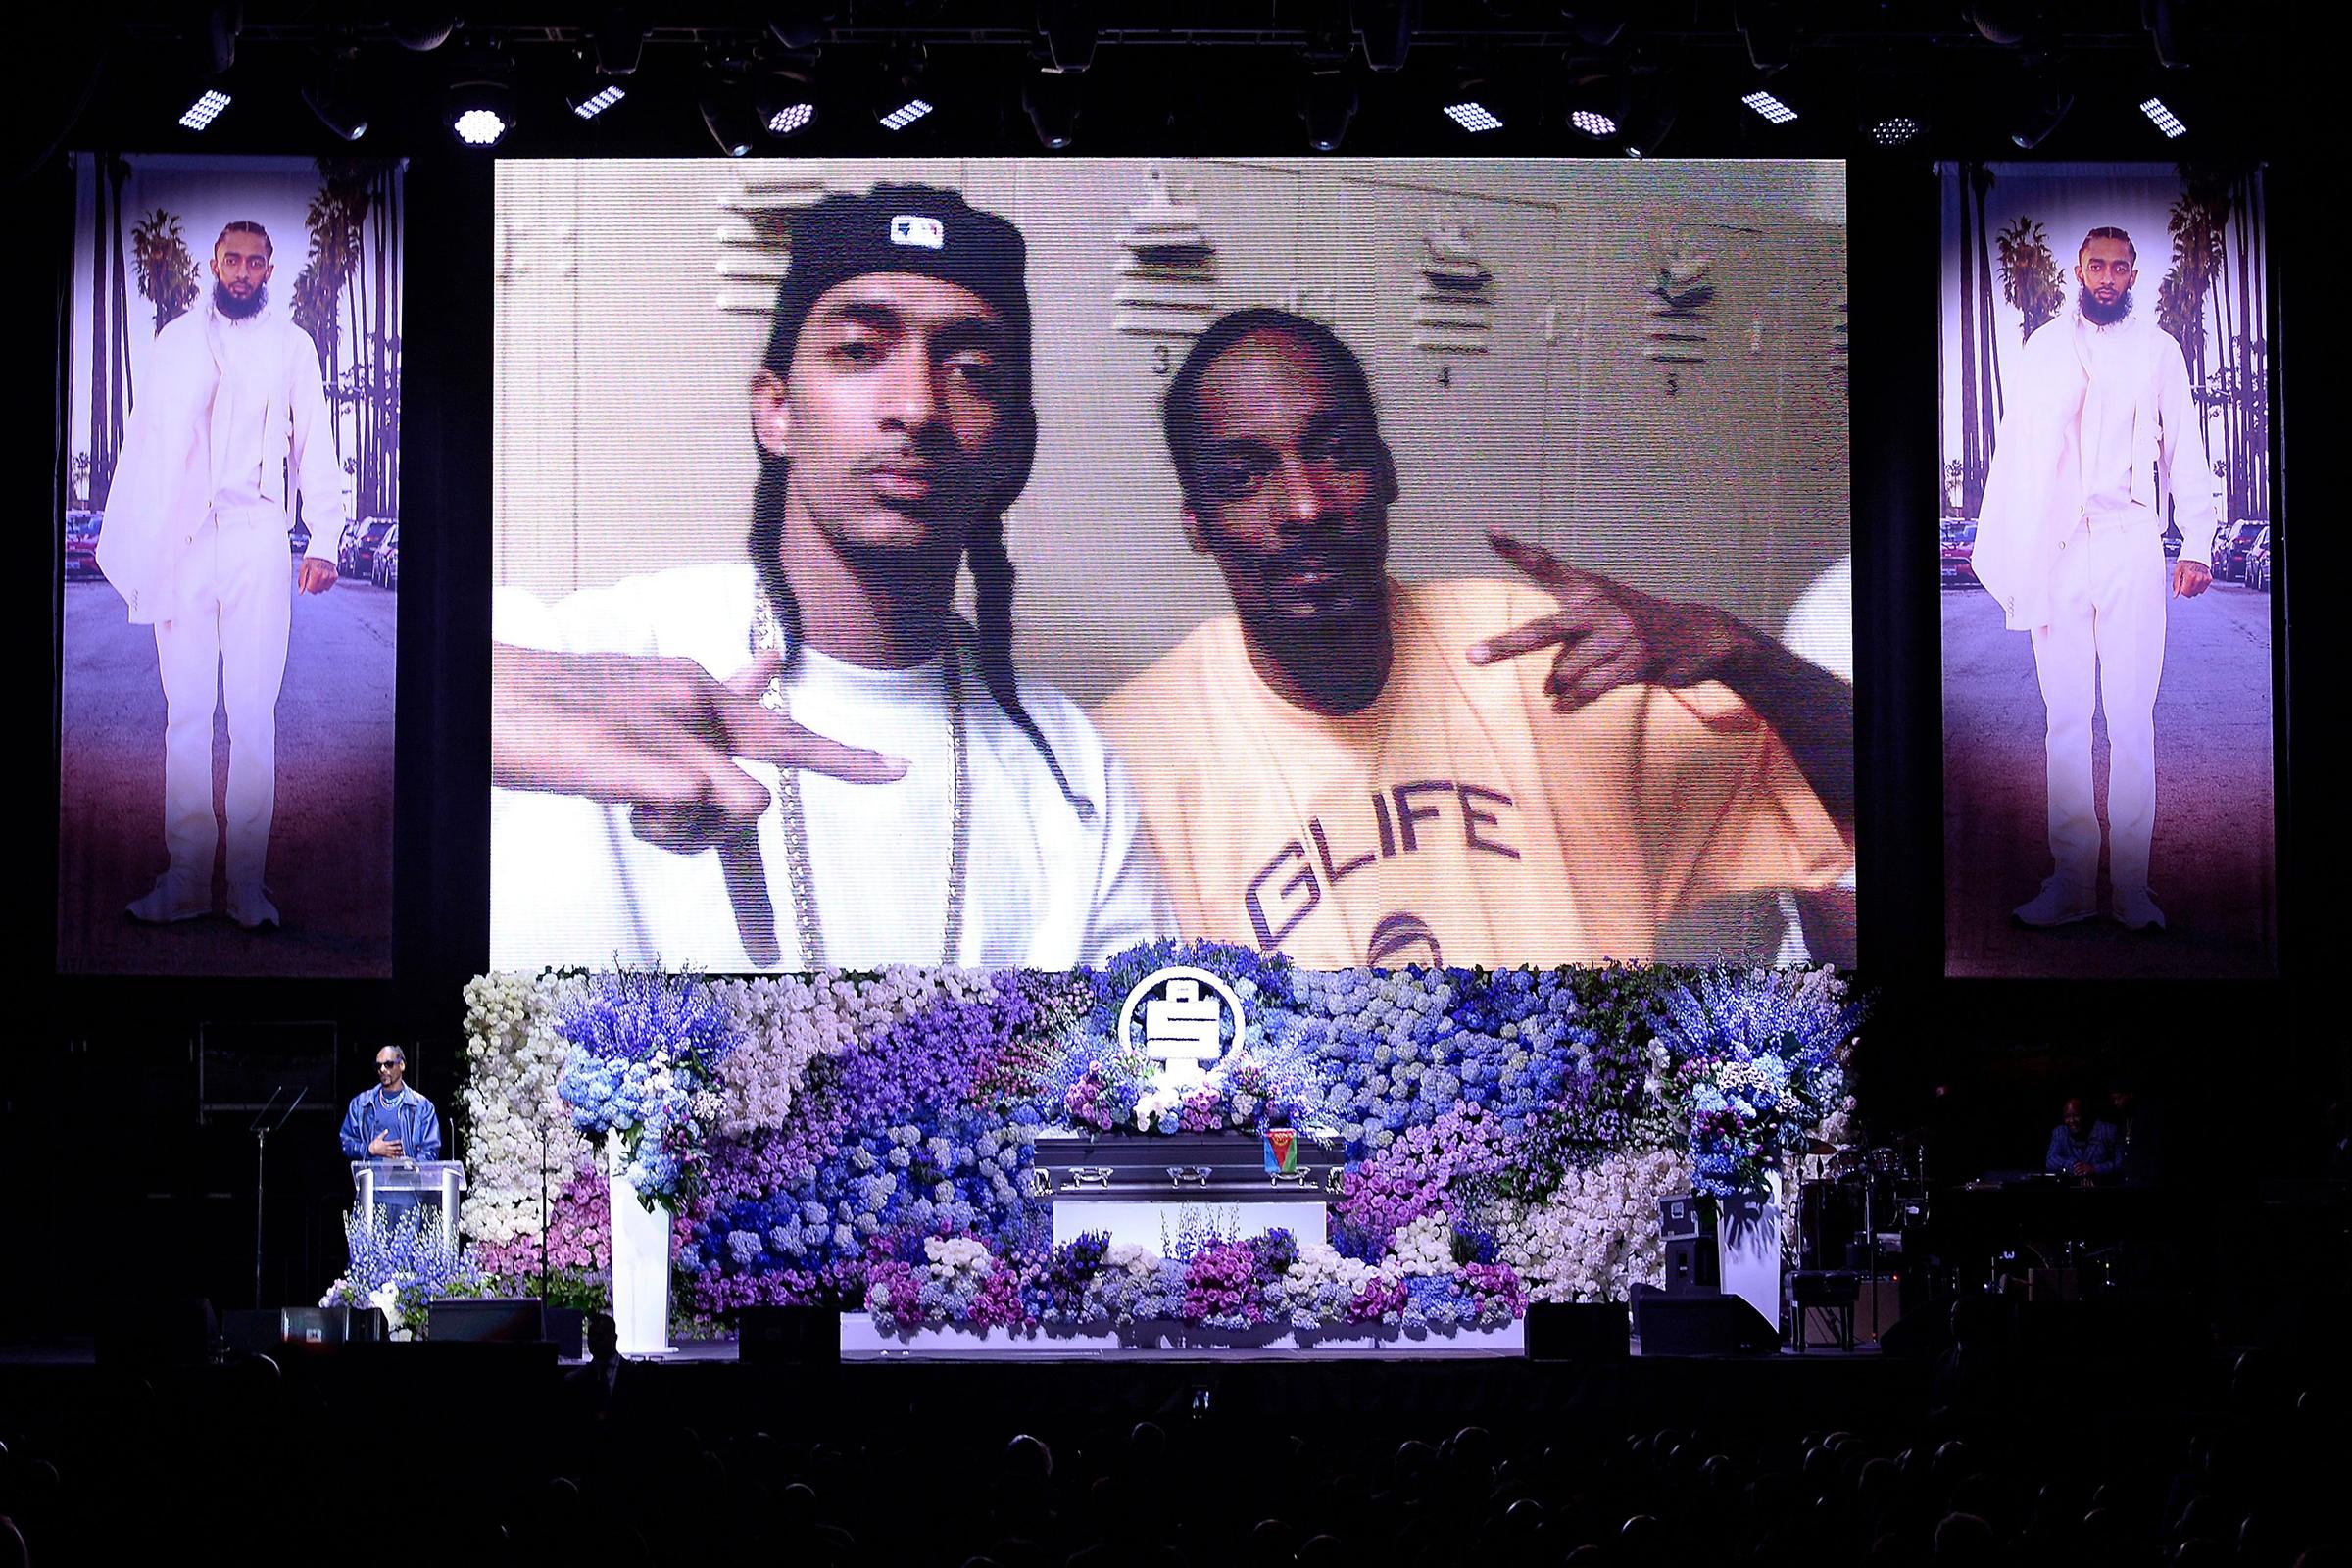 Nipsey Hussle Memorial Service: Friends, Fans Mourn Slain Rapper